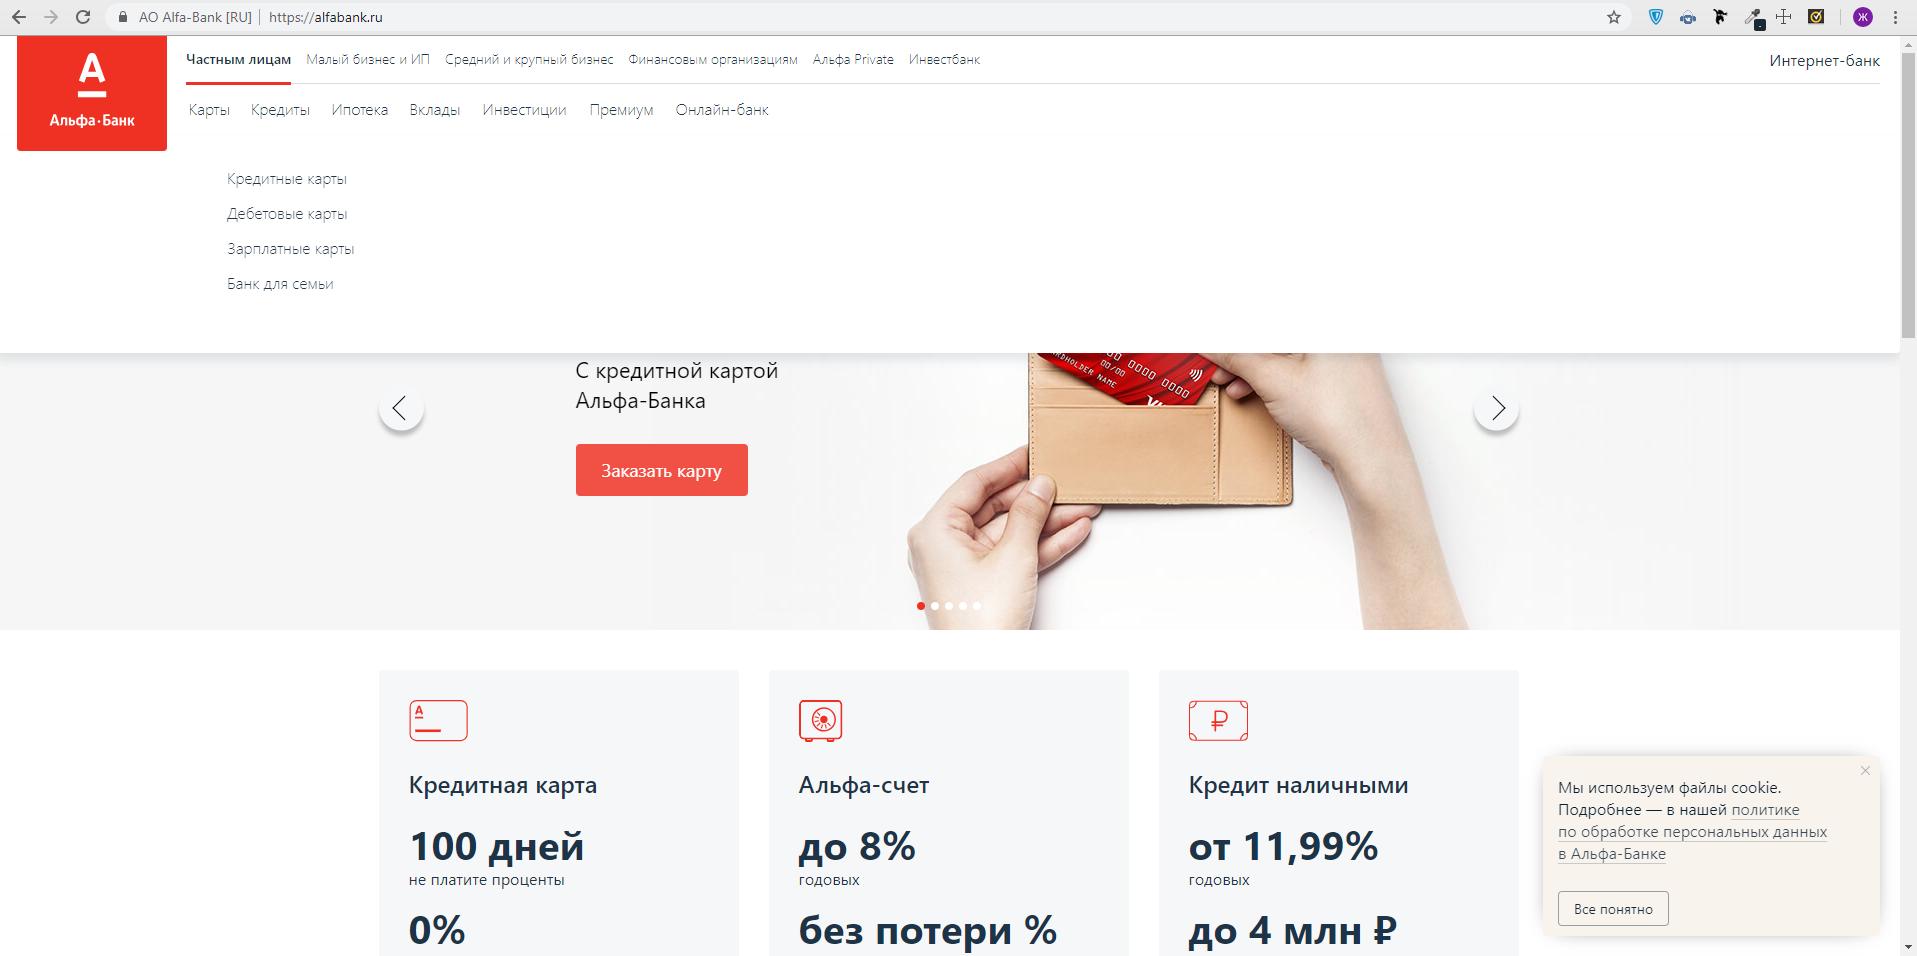 Как веб дизайнеру сделать сайт как найти ссылку на сайте